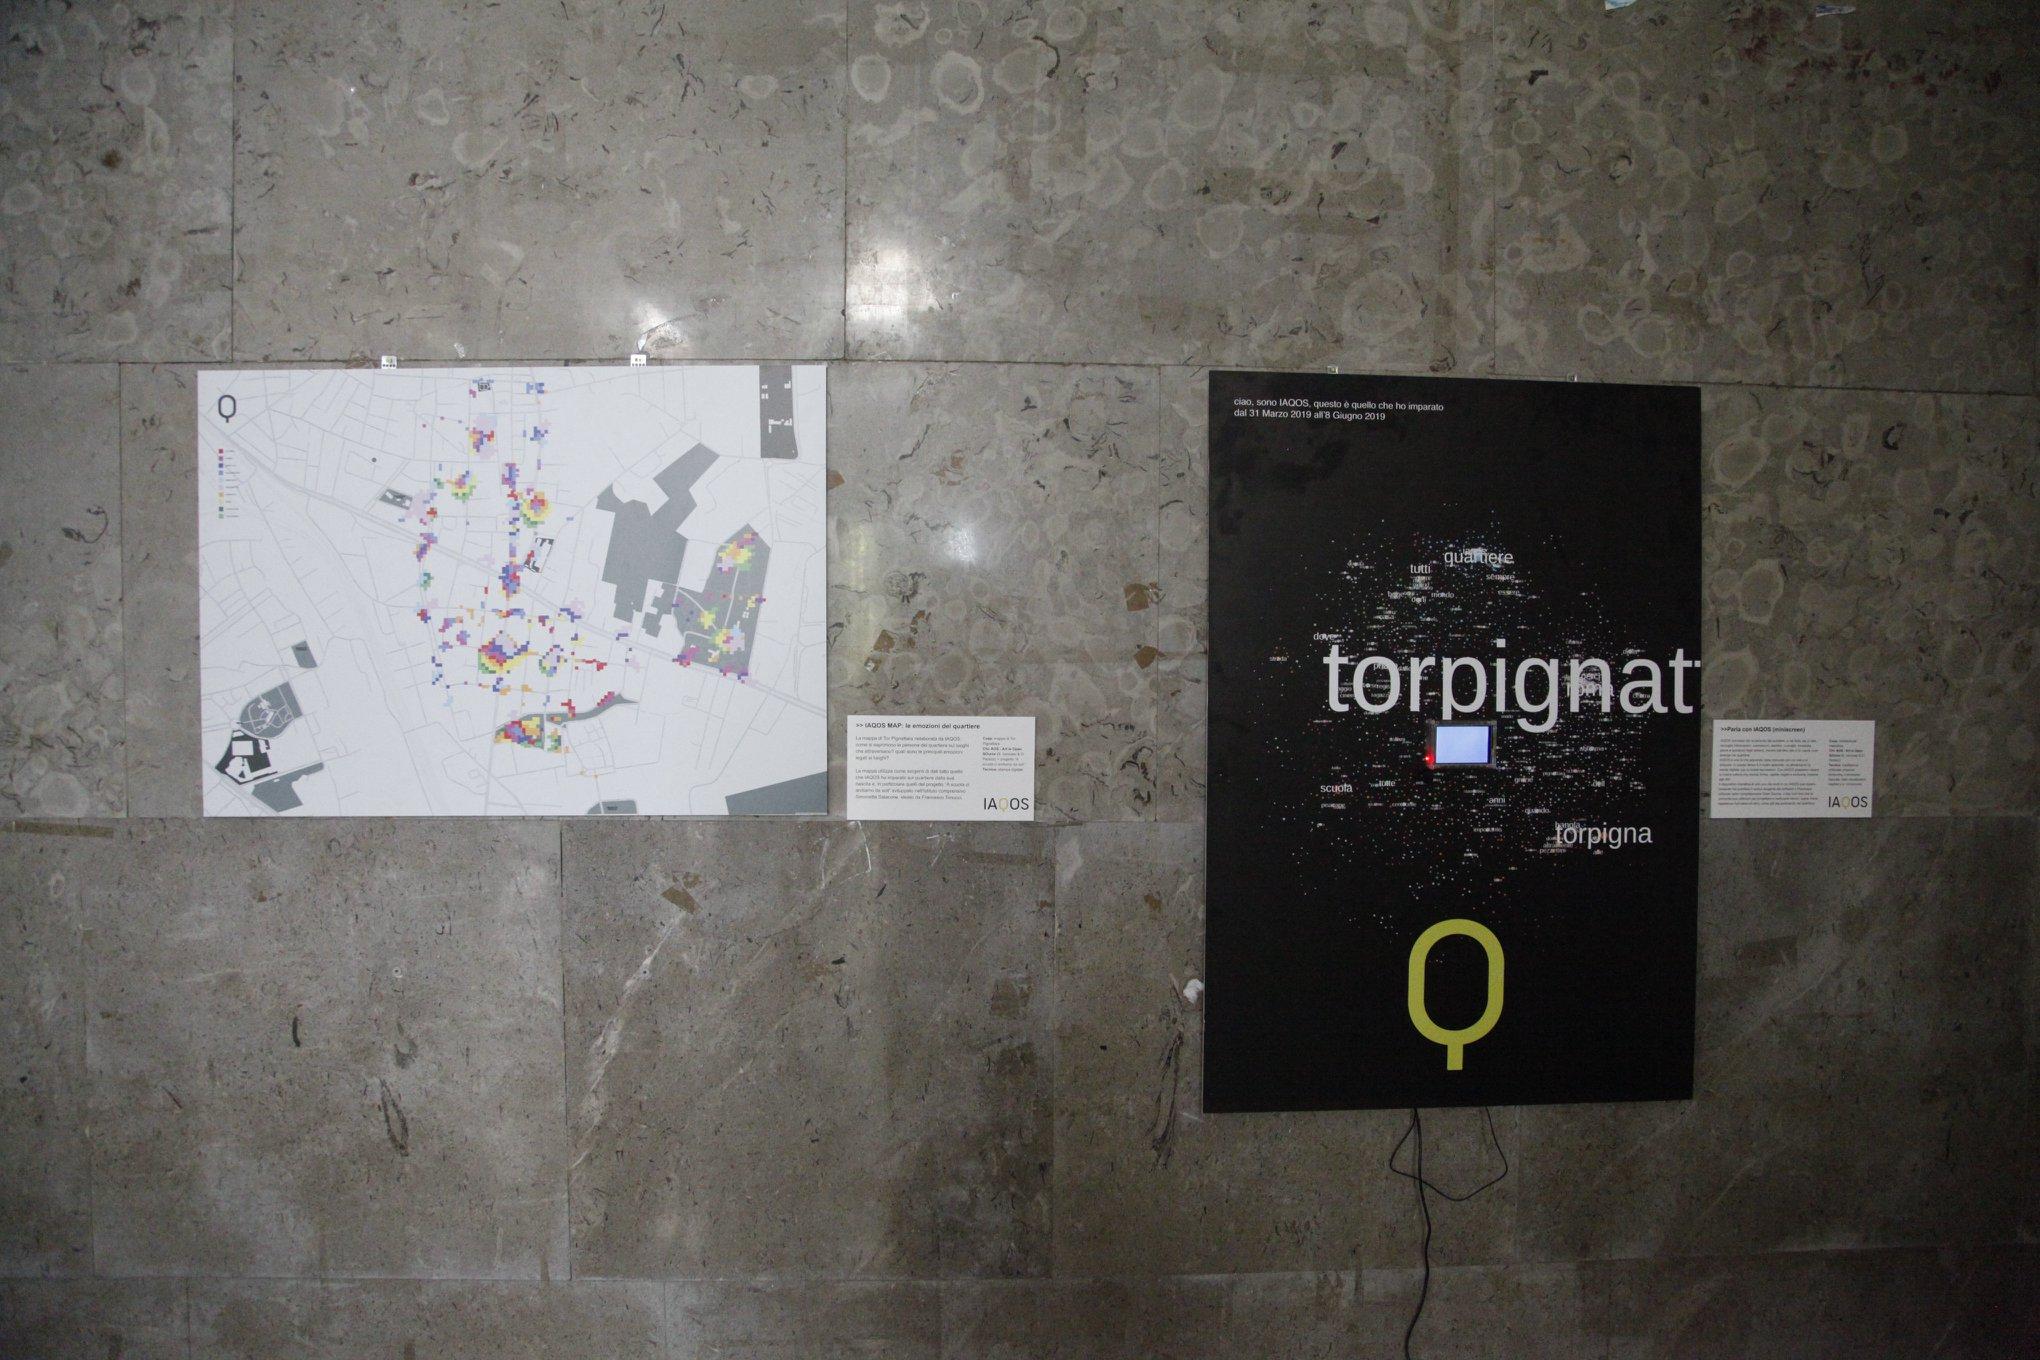 la mappa emozionale di Torpignattara creata da IAQOS, e la conoscenza dell'IA